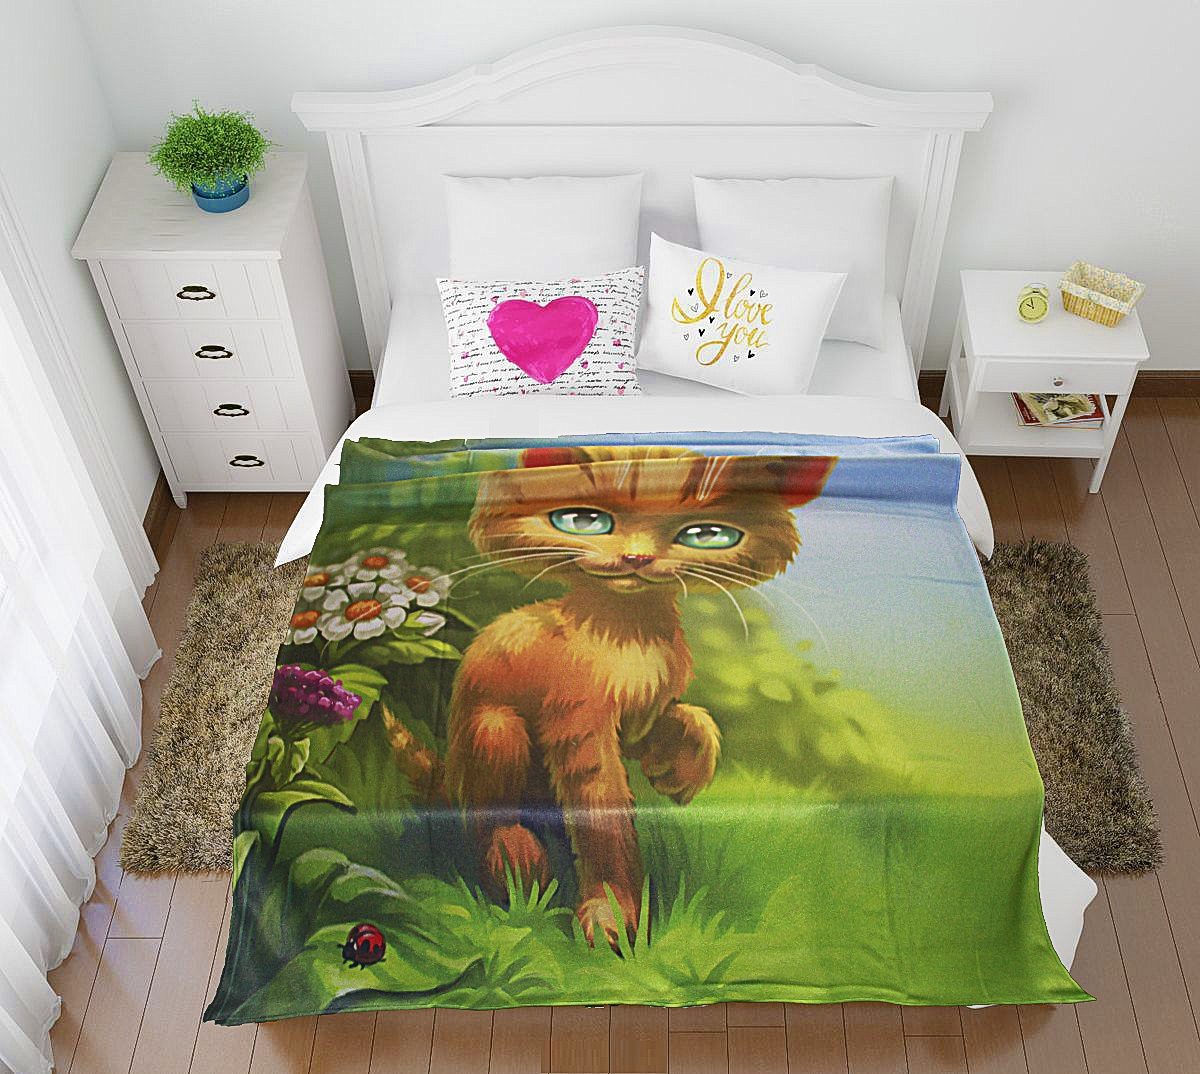 Купить Покрывала, подушки, одеяла для малышей Elegante, Детский плед Знакомство (150х200 см), Россия, Синтетический флис